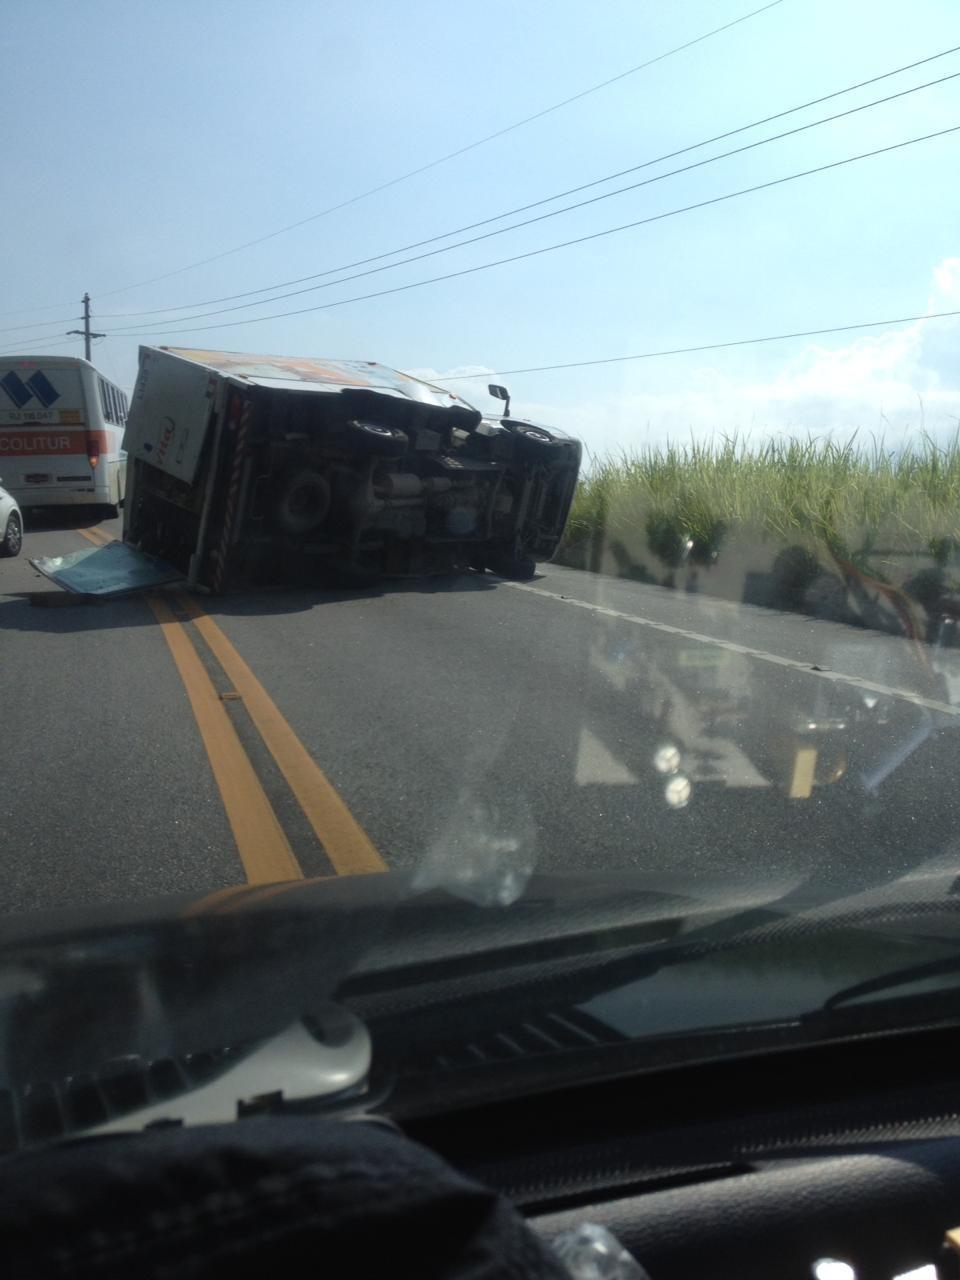 Caminhão tomba e atropela ciclista na Rio-Santos, em Angra dos Reis - Noticias